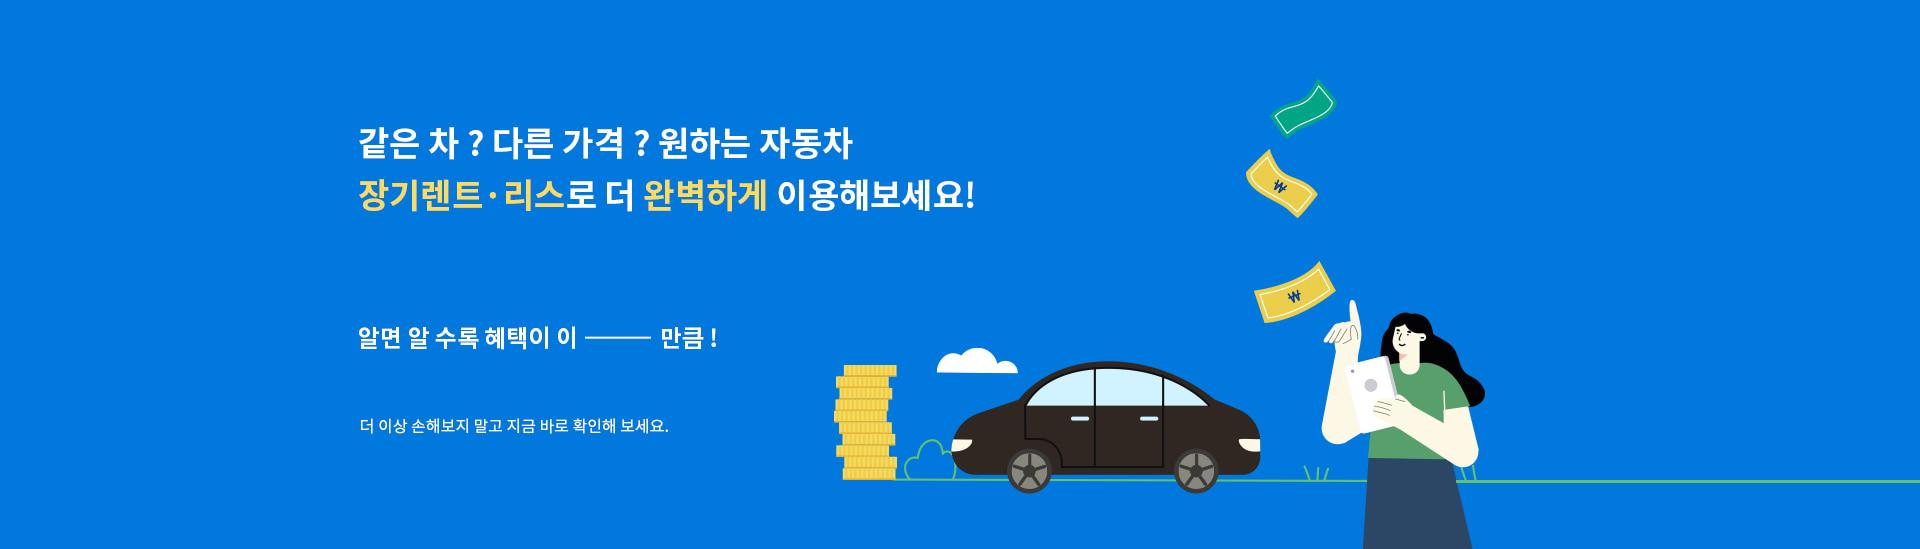 같은 차? 다른 가격? 원하는 자동차 장기렌트 리스로 더 완벽하게 이용해보세요!